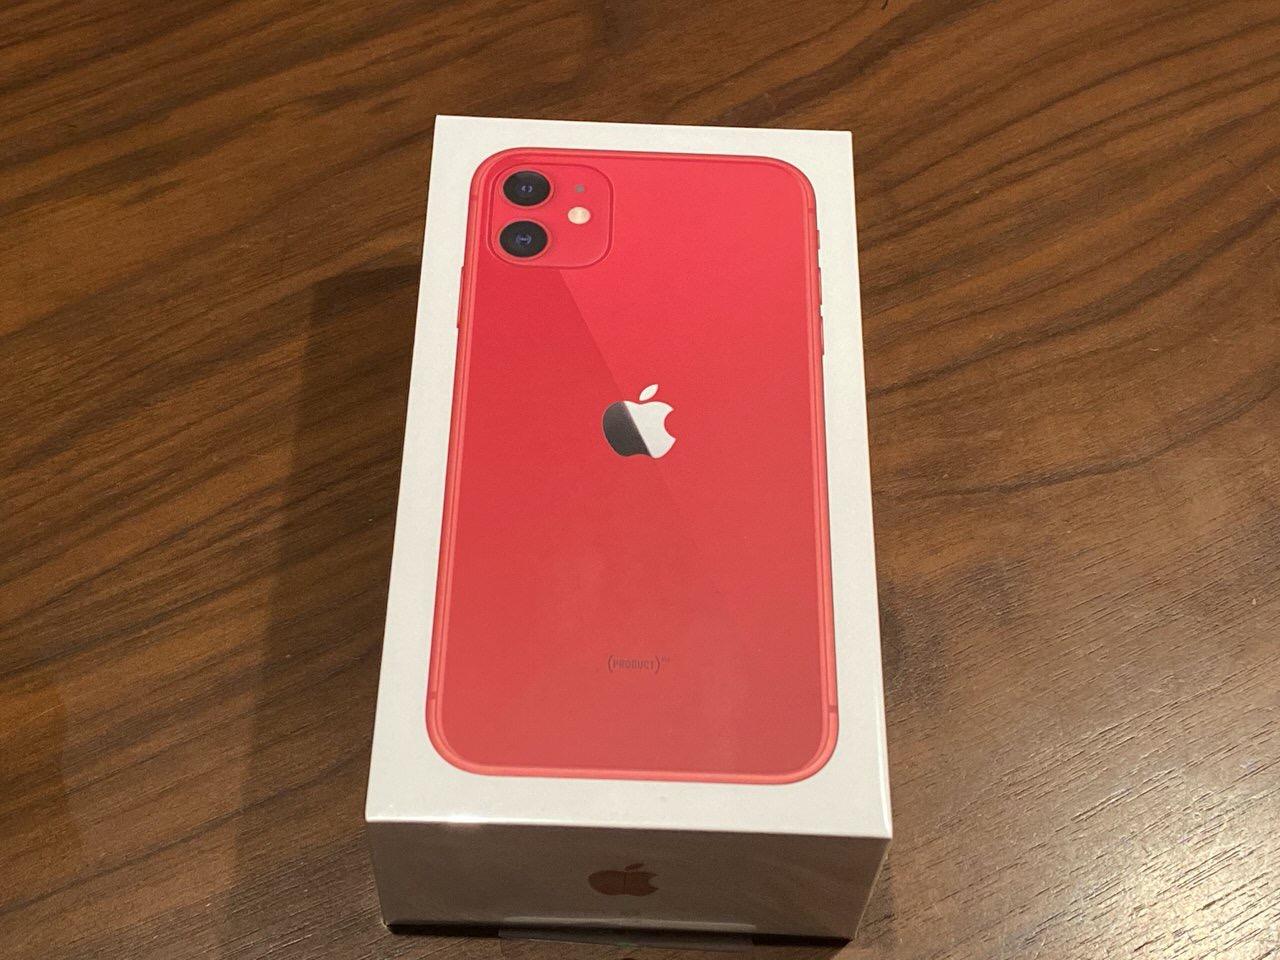 簡単にデータ転送できる!「iPhone 7」から「iPhone 11」への機種変更